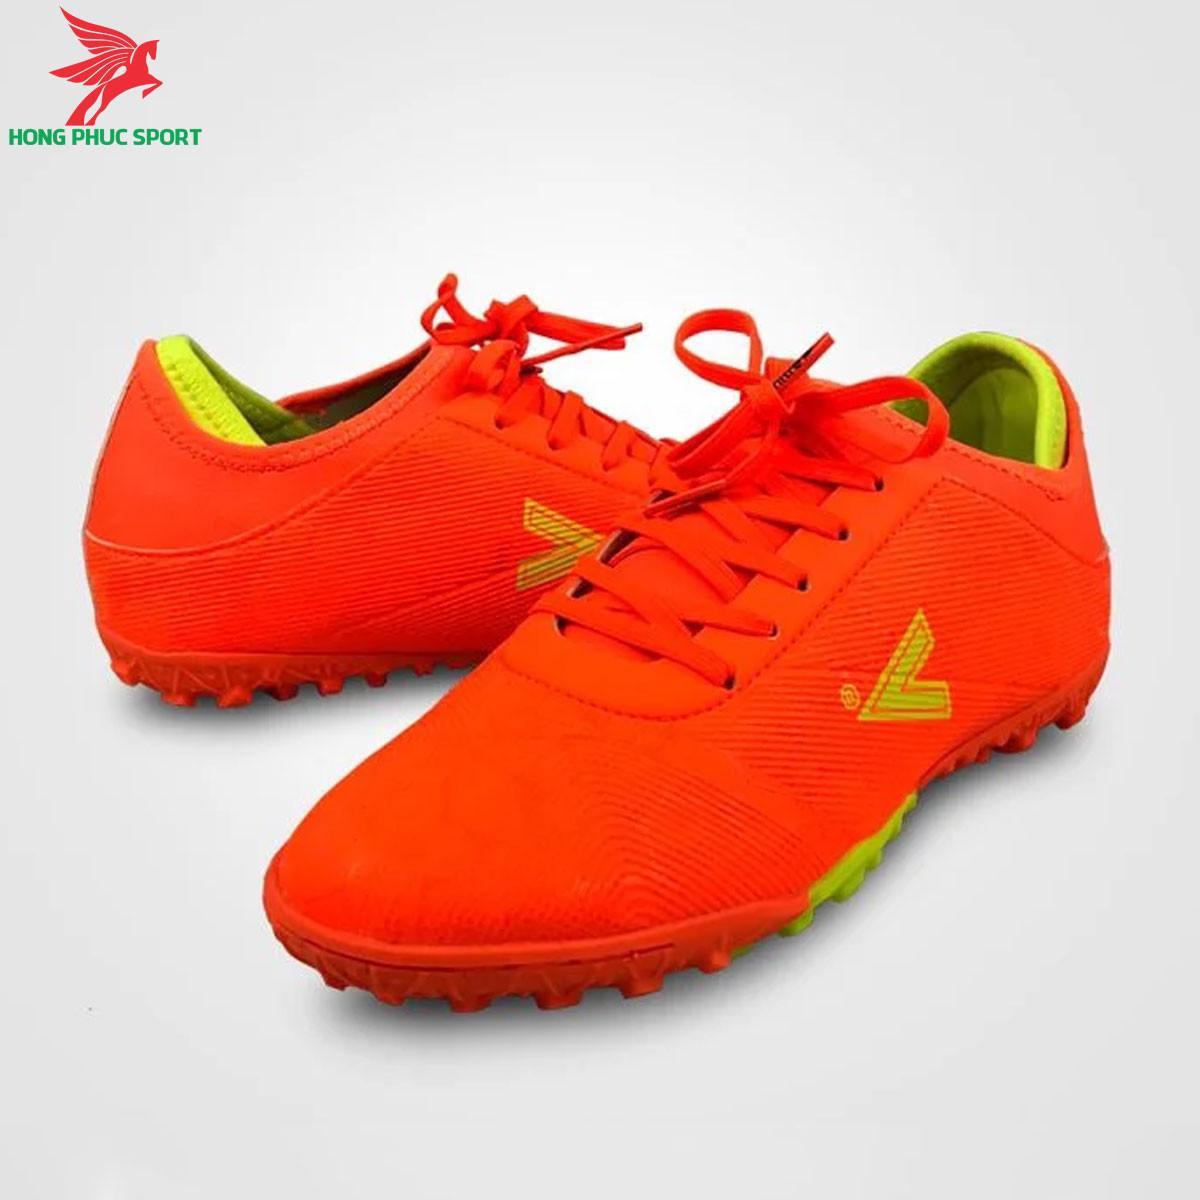 Giày đá banh Mitre 190420 màu cam đế TF (1)